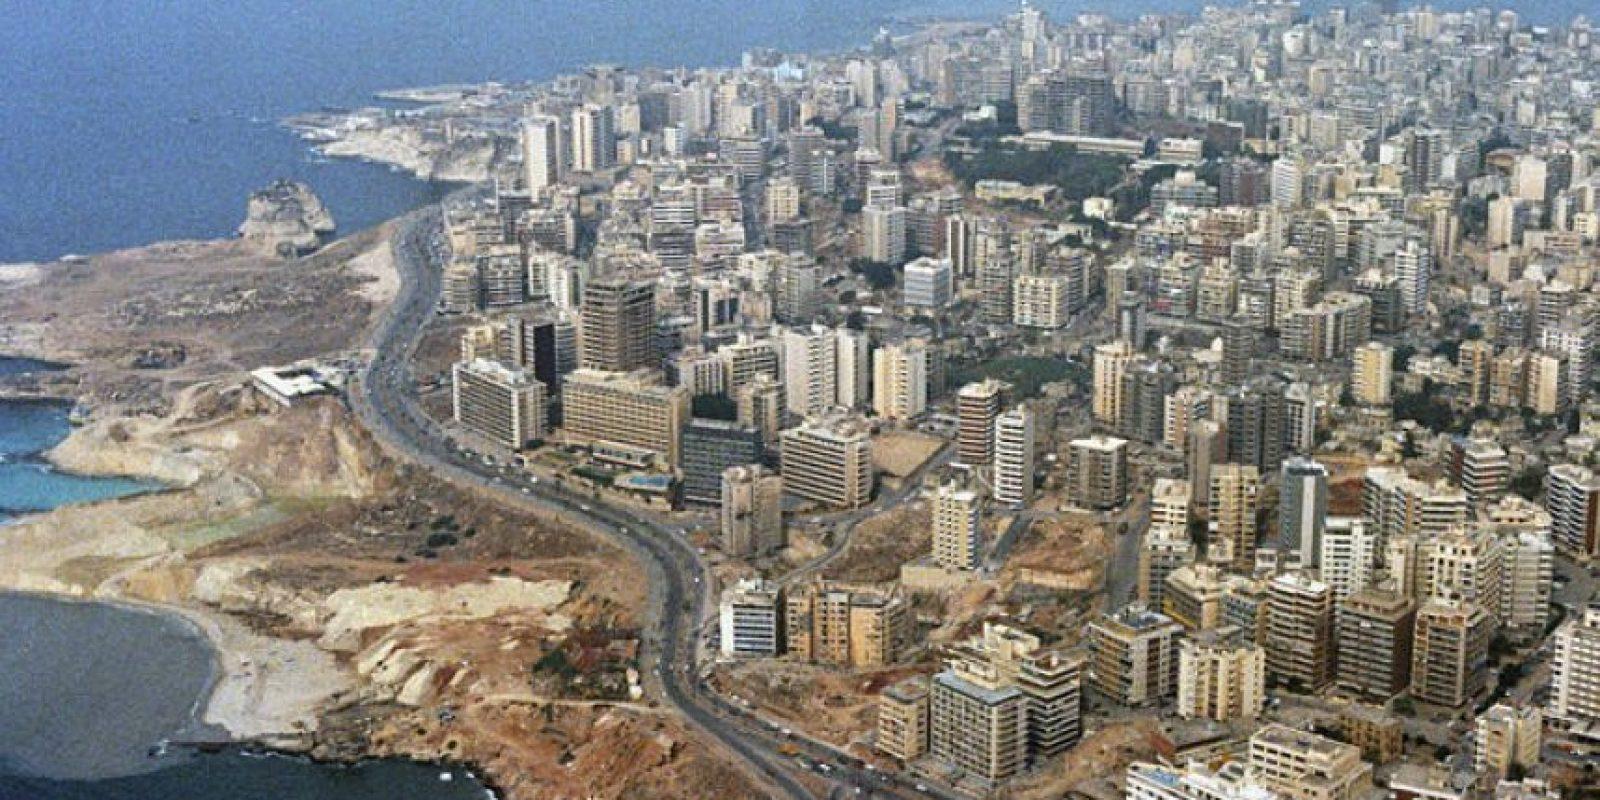 Beirut: Fue una zona de guerra de la década de 1980 y se ha convertido en la ciudad más 'cool' en el Medio Oriente. Las Mezquitas, los baños romanos y los museos la convierten en un destino interesante. Este lugar es como un 'Miami Beach' en el Medio Oriente.Beirut. Foto:Wikimediacommuns.